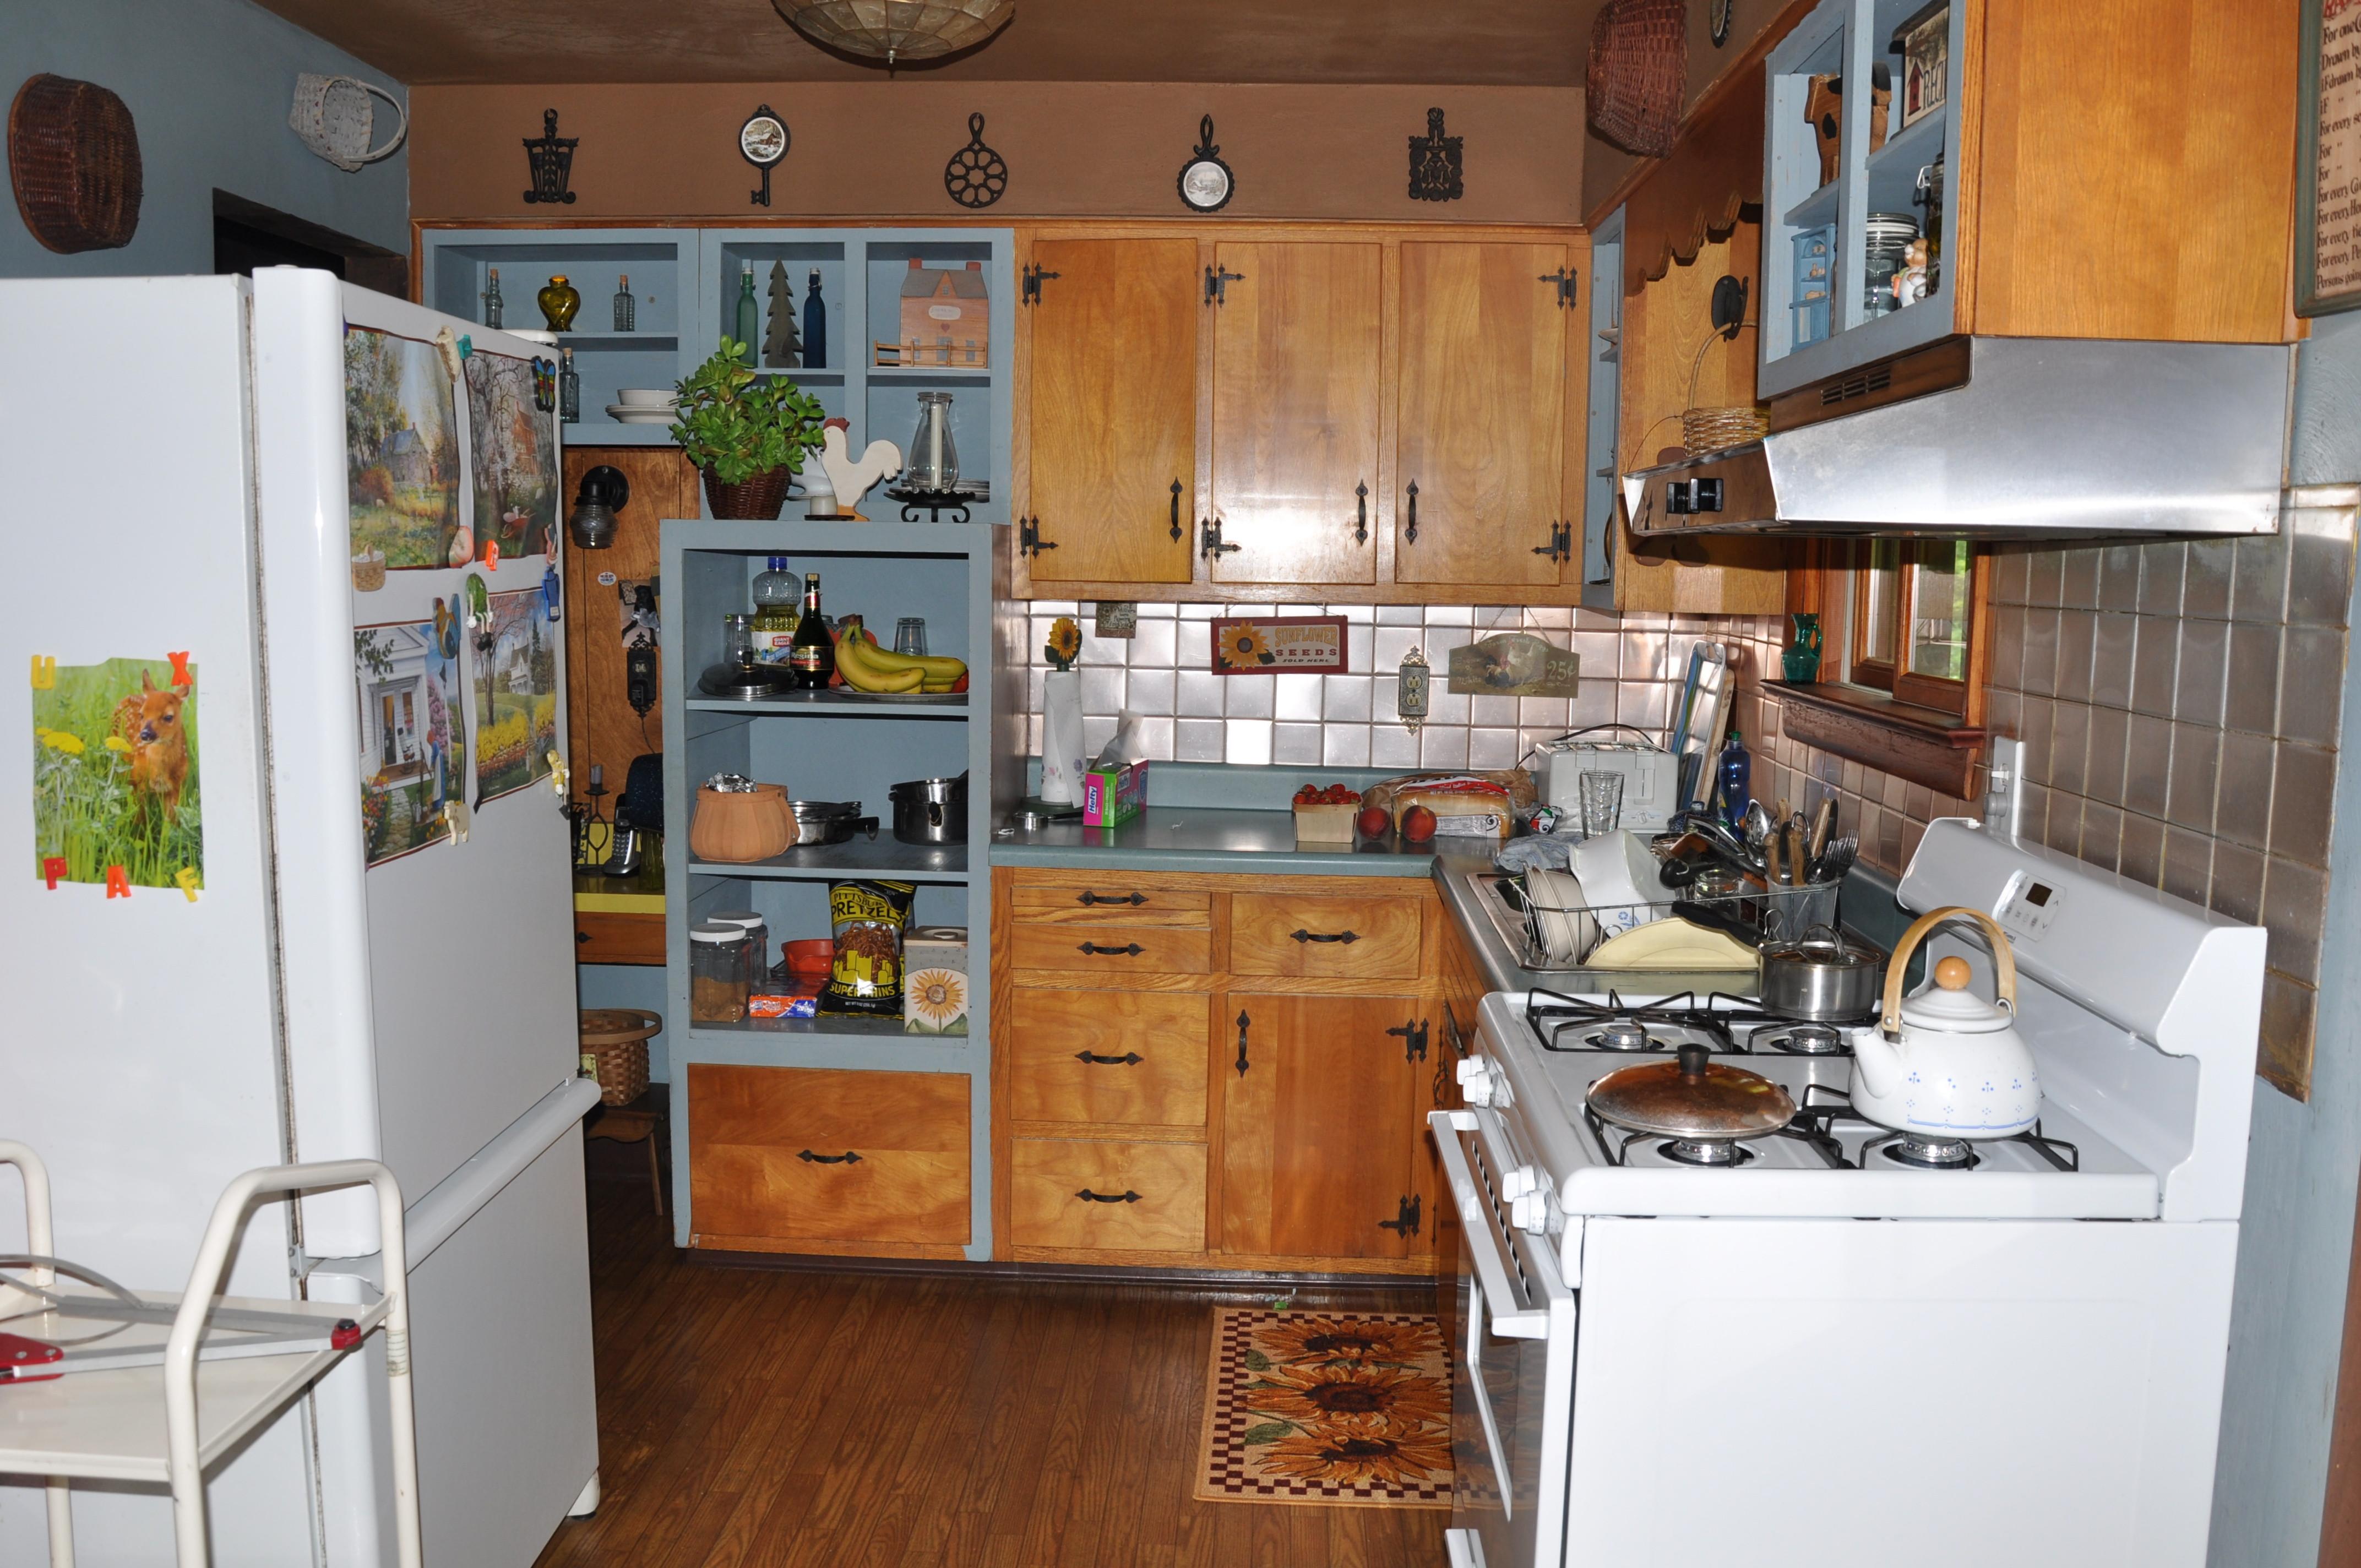 Best ideas about Unique Kitchen Decor . Save or Pin Unique Kitchen Decor Now.